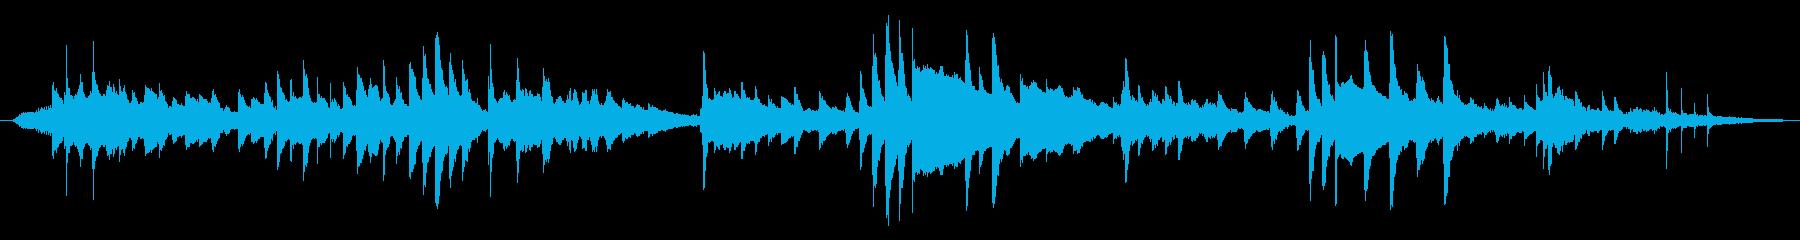 クラシック 交響曲 憂鬱 悲しい ピアノの再生済みの波形